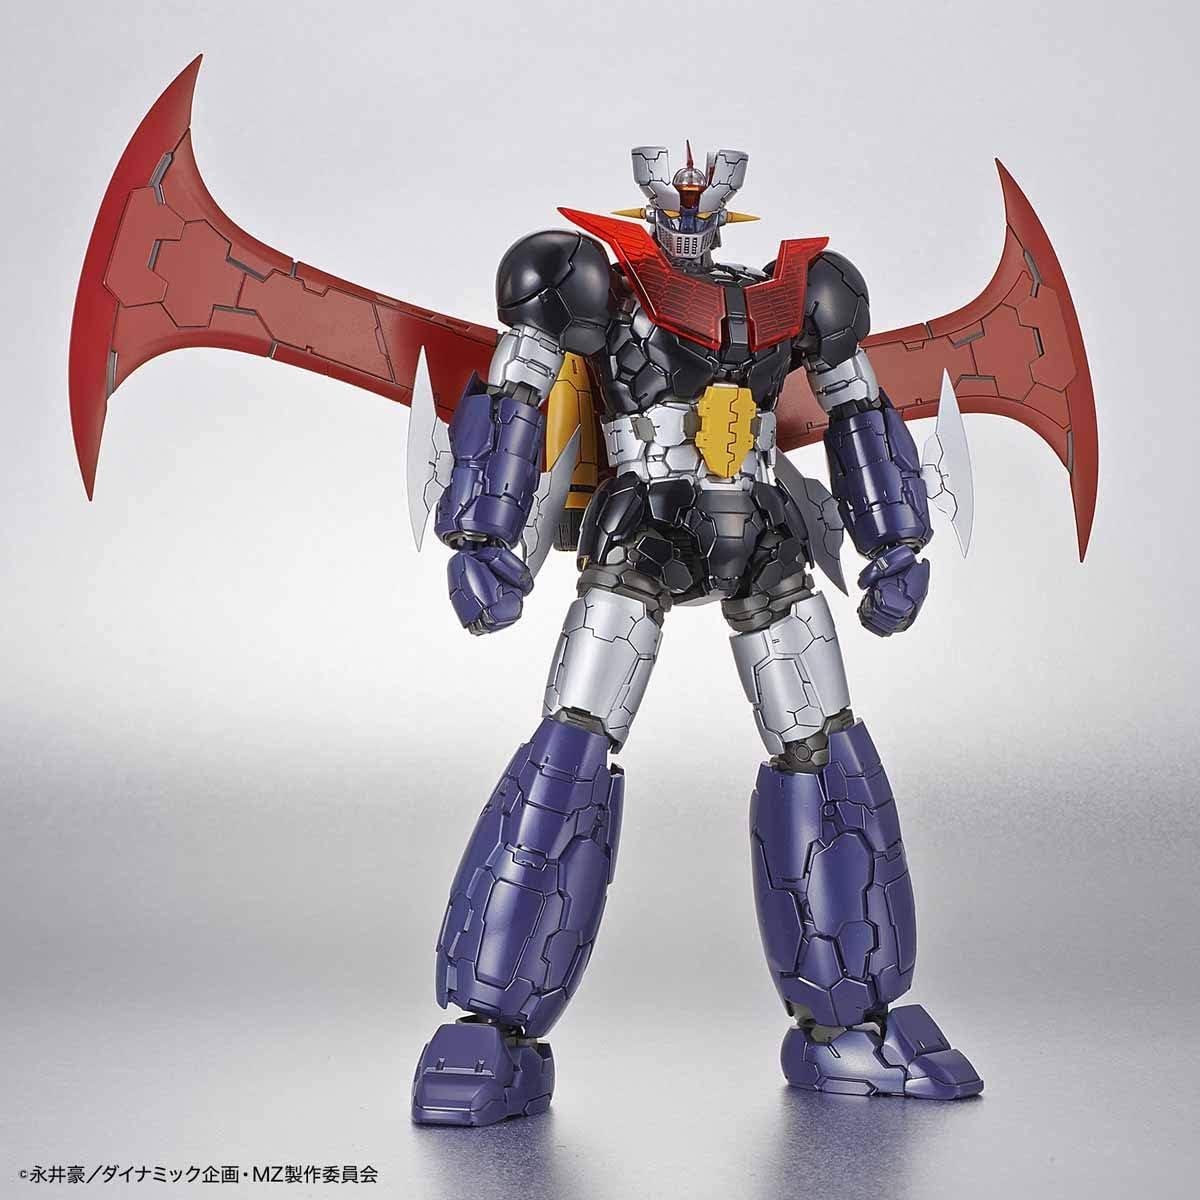 Bandai Hobby- Gundam Model Kit Mazinger Z, Multicolor, Scala 1/144, 17.5 cm (Bandai BDHMA303671): Amazon.es: Juguetes y juegos